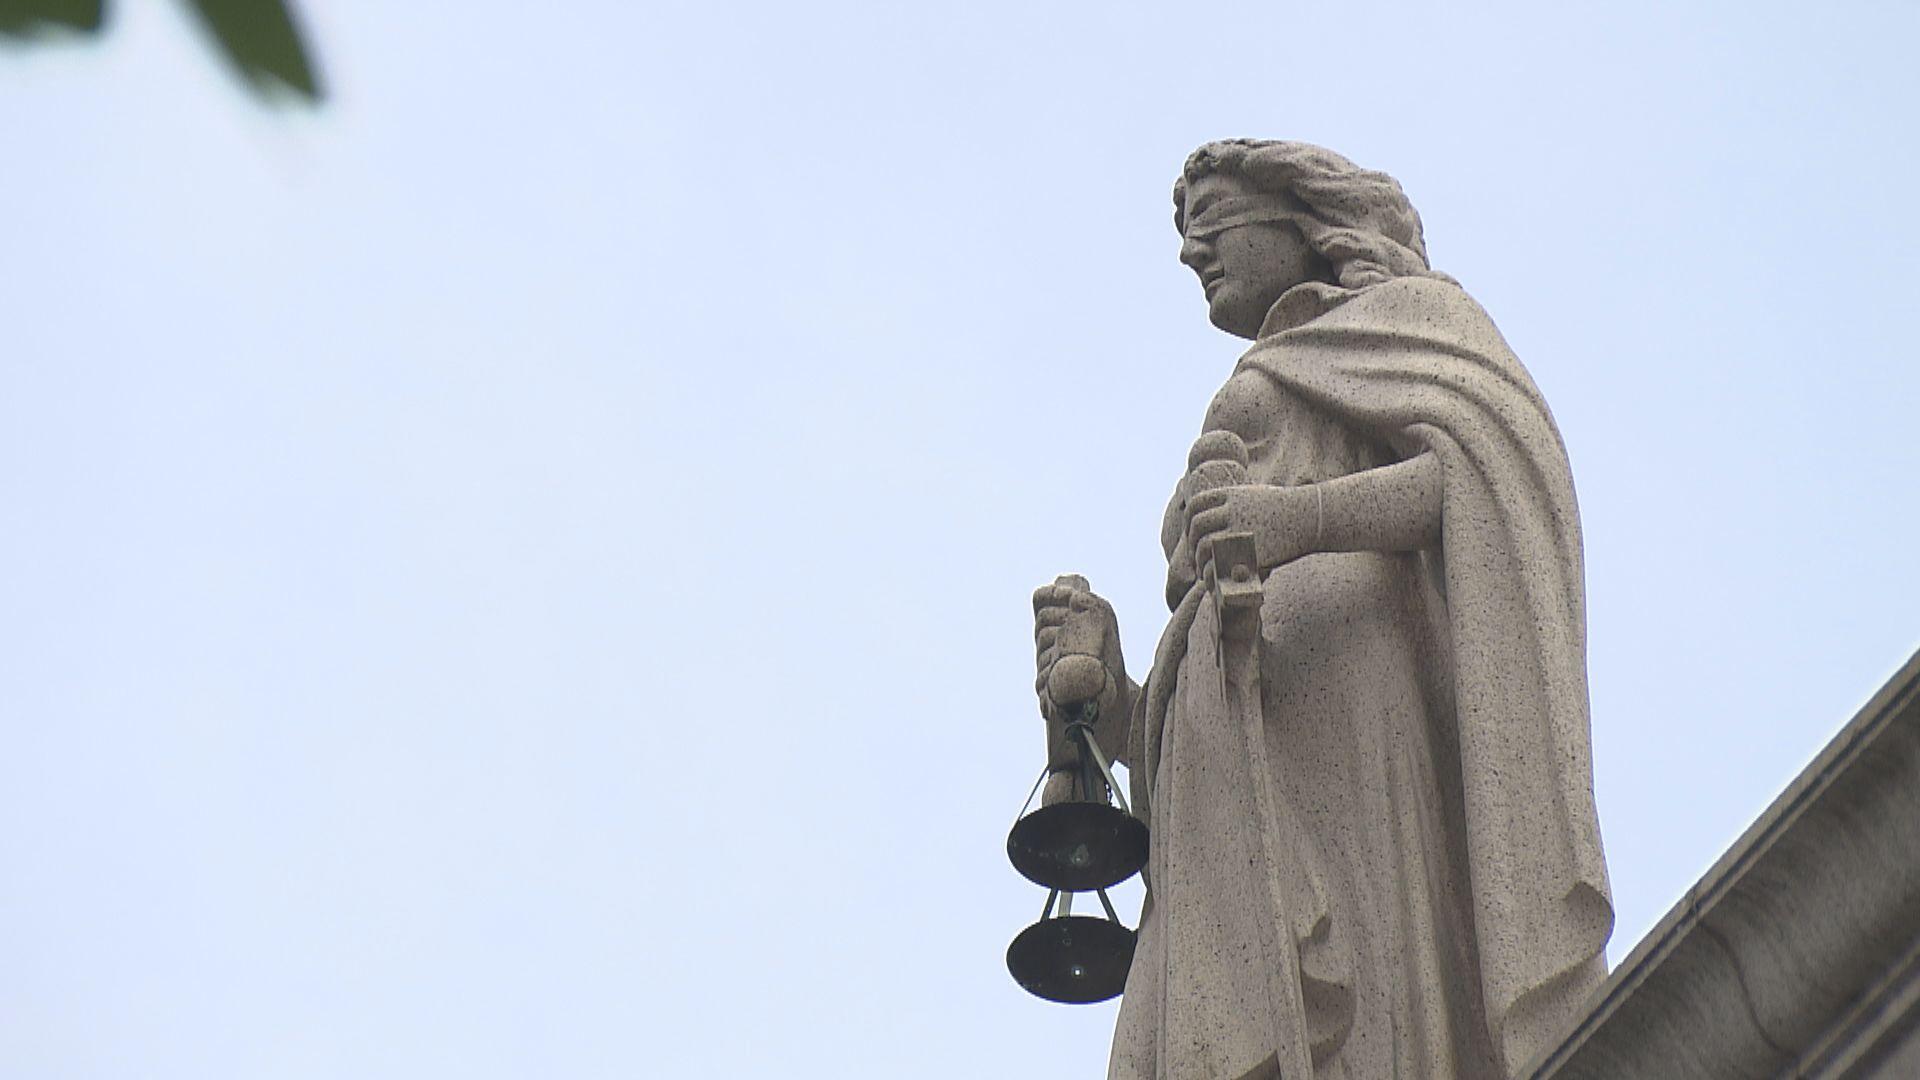 【即日焦點】有本港資深法官對修訂逃犯條例深感不安;王丹促西方在人權問題加強對華施壓